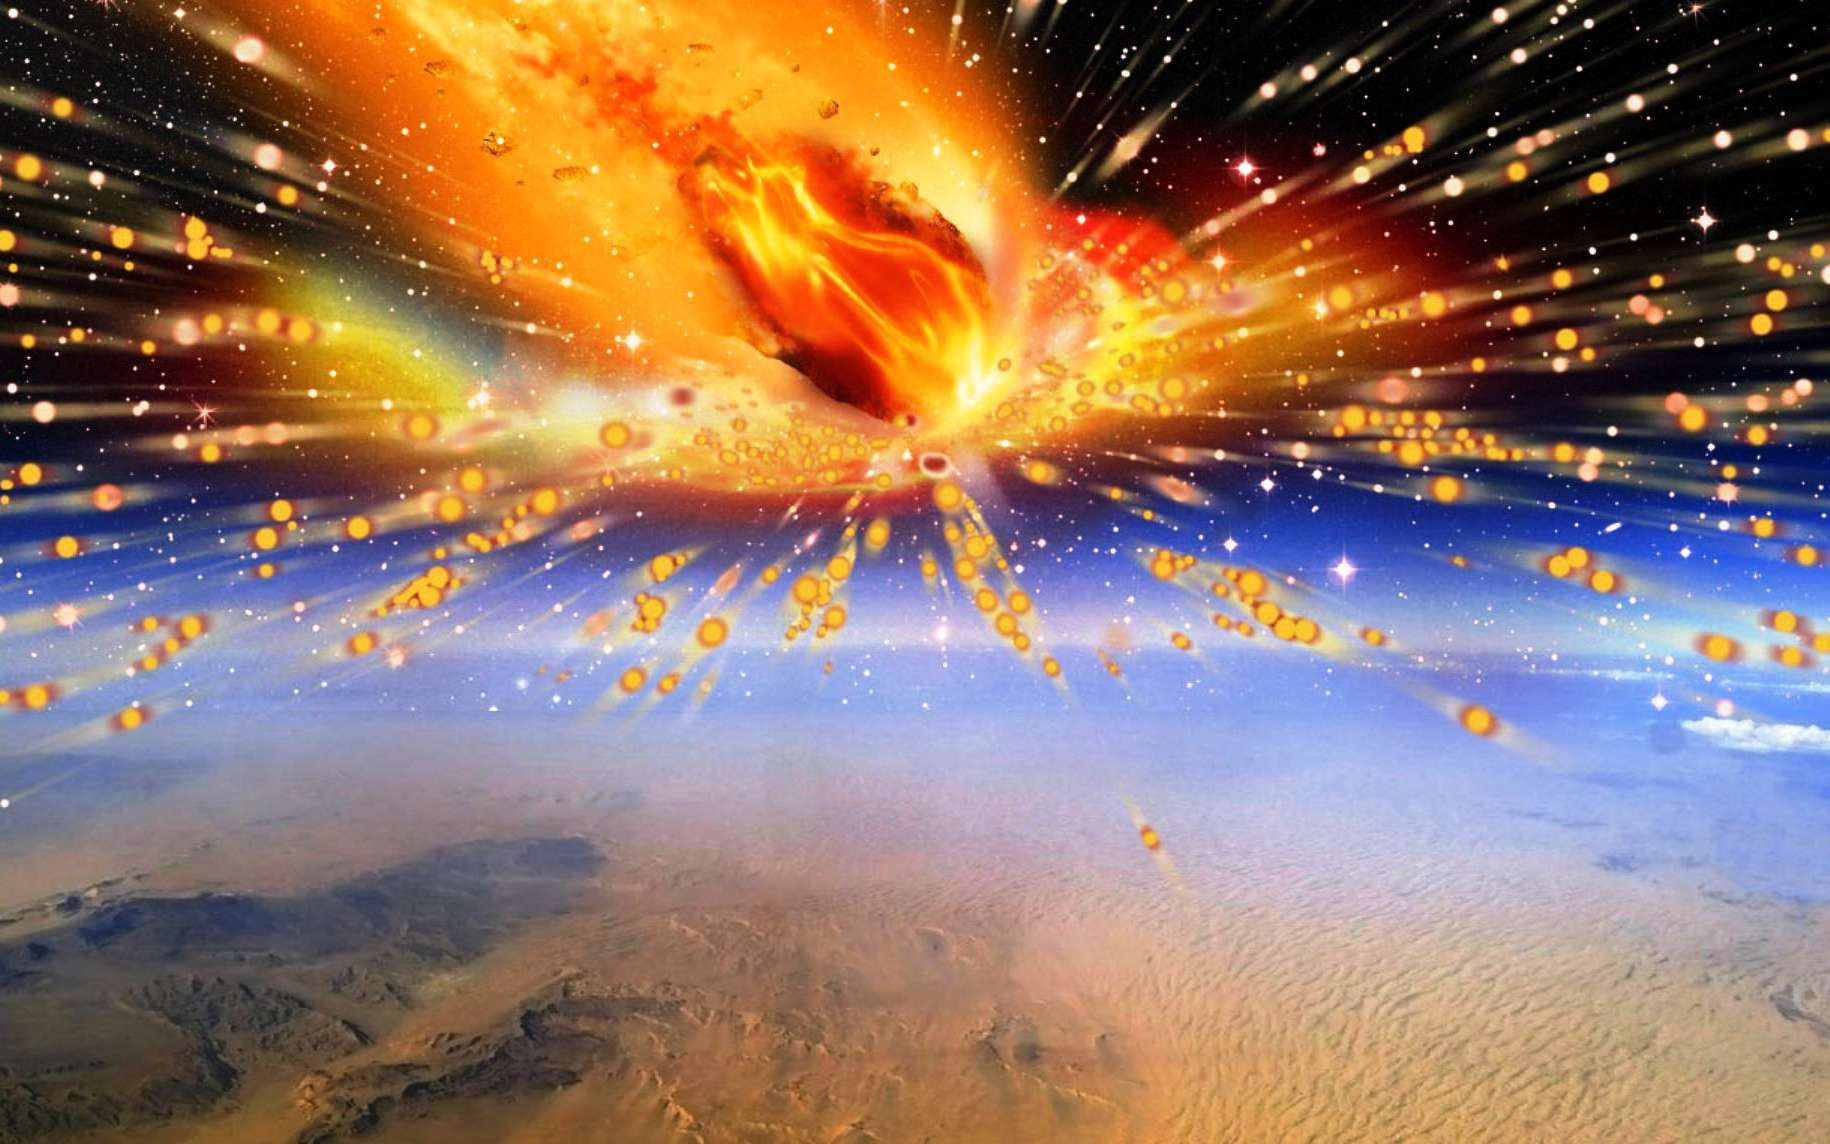 Hypatie est-elle le premier fragment de comète trouvé sur Terre ? Il y a 29 millions d'années, une comète aurait explosé en entrant dans l'atmosphère de la Terre au-dessus de l'actuel désert libyque. Le rayonnement thermique de la boule de feu en résultant aurait atteint au moins les 2.000 °C à la surface de notre Planète, faisant fondre le sable par endroits. Un fragment de cette comète aurait été retrouvé. Il a été baptisé « Hypatie », du nom de la célèbre astronome et mathématicienne d'Alexandrie. © Terry Bakker